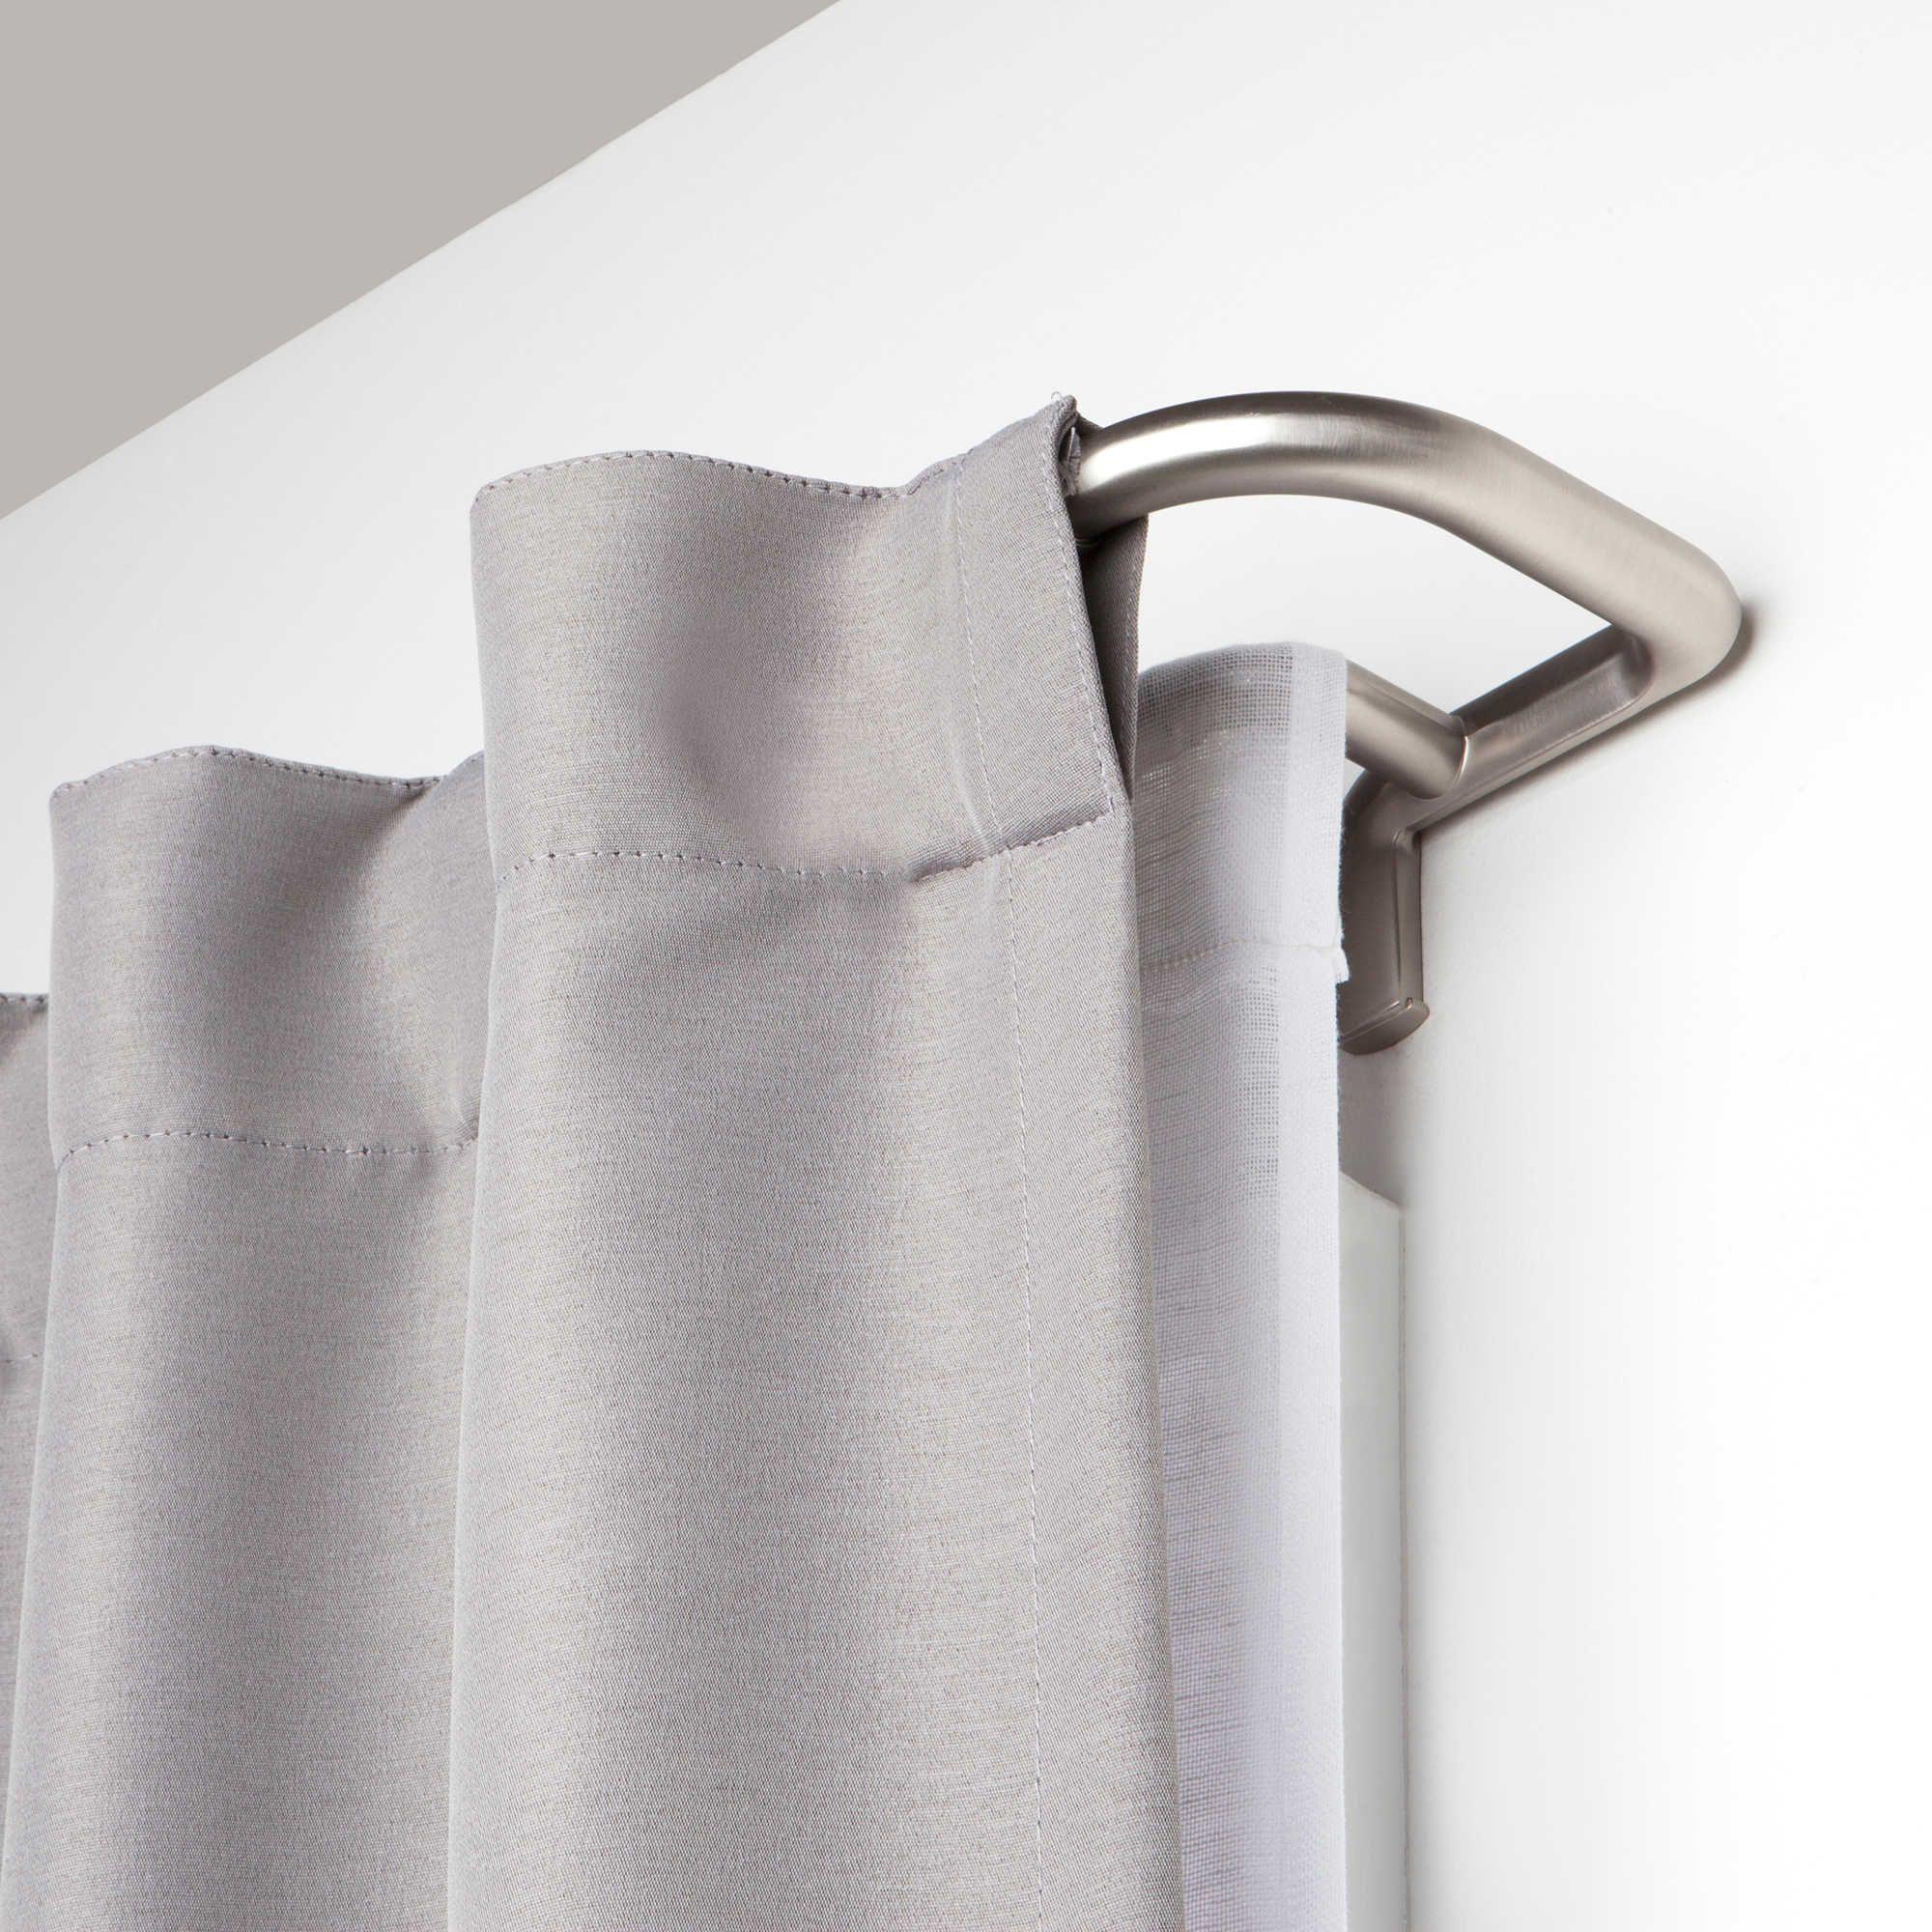 Umbra Twilight Adjustable Room Darkening Double Curtain Rod